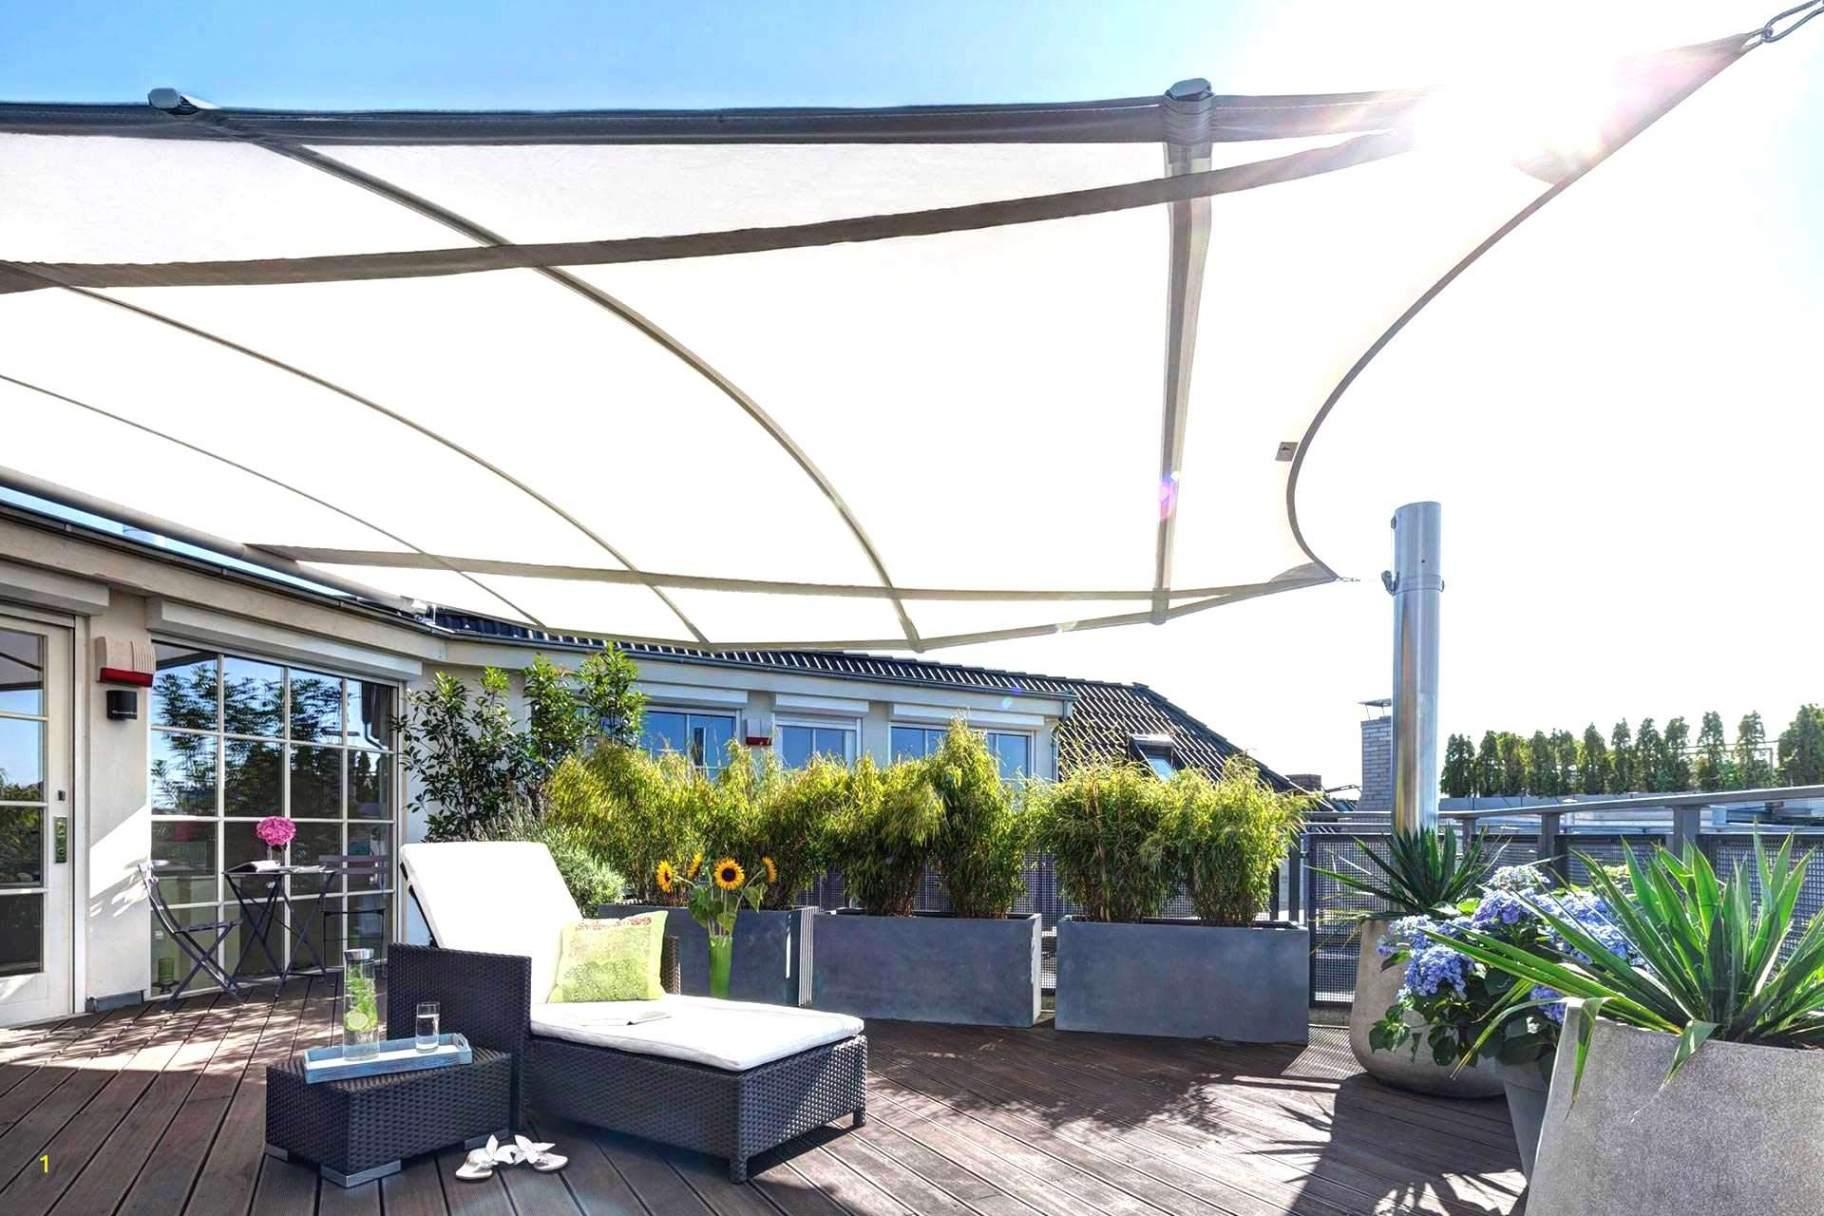 sonnenschutz terrasse pergola einzigartig sonnensegel terrasse sonnenschutz im garten sonnenschutz im garten